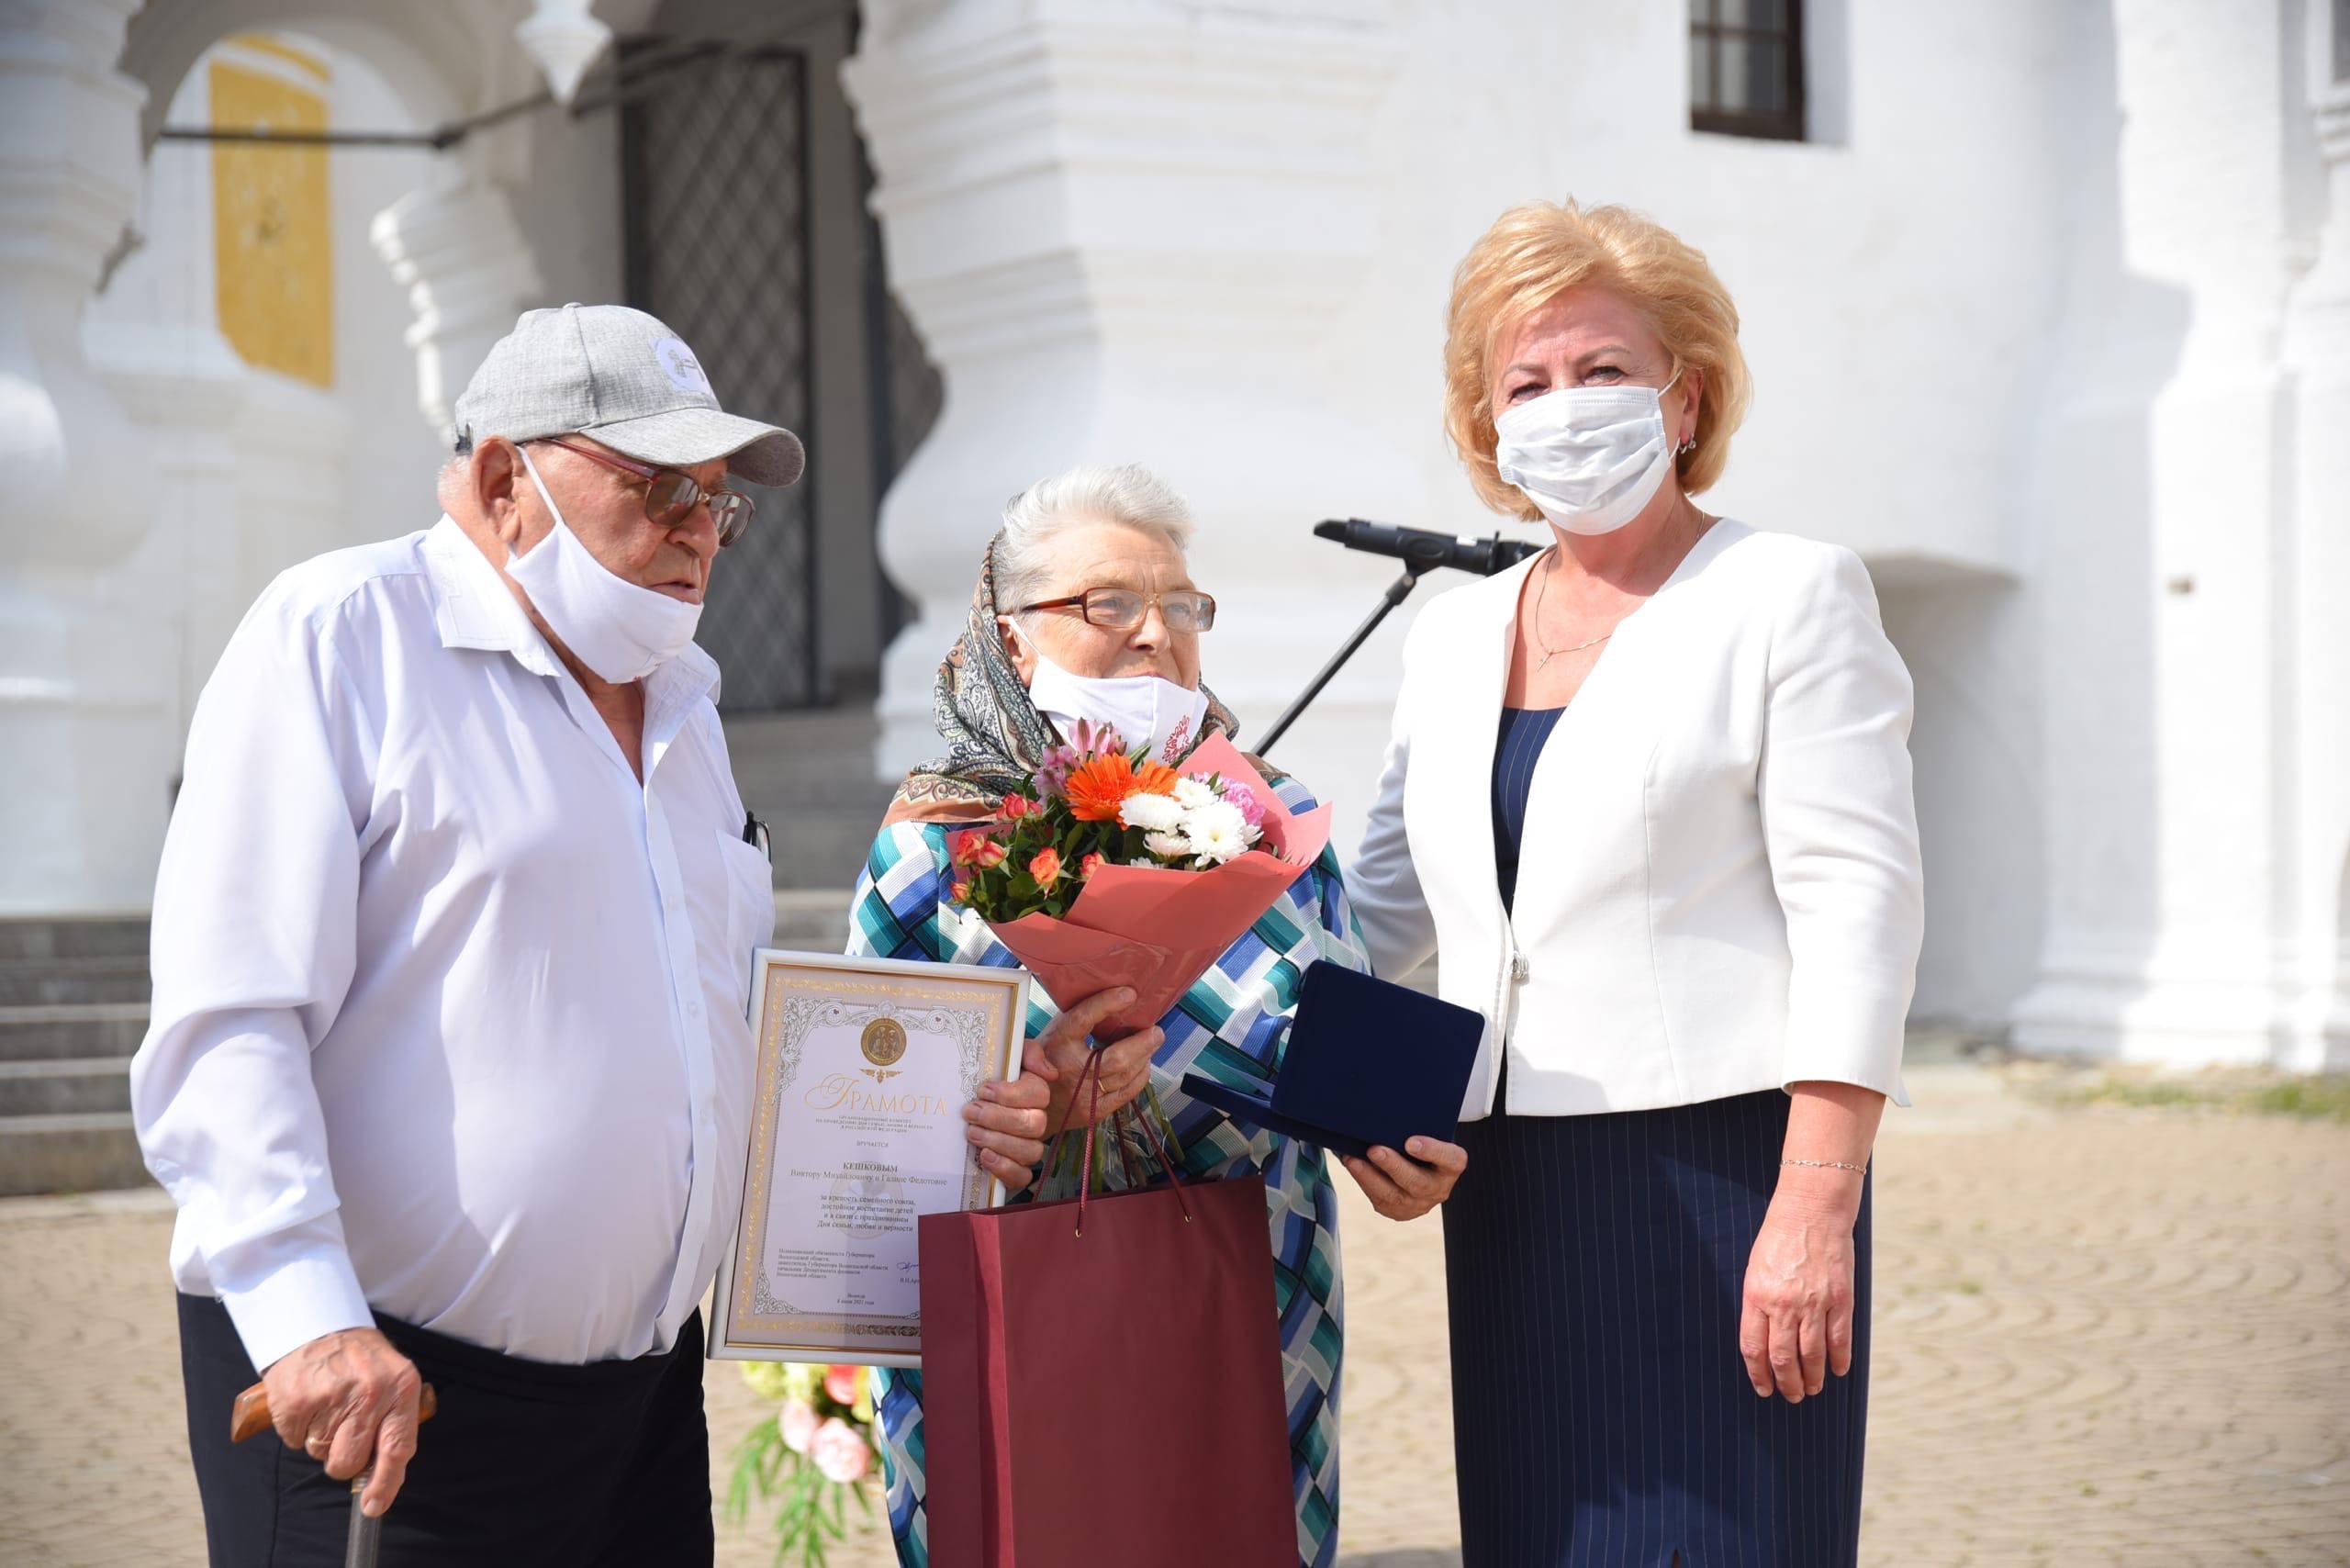 Всего на торжественной церемонии медали «За любовь и верность» были удостоены восемь супружеских пар